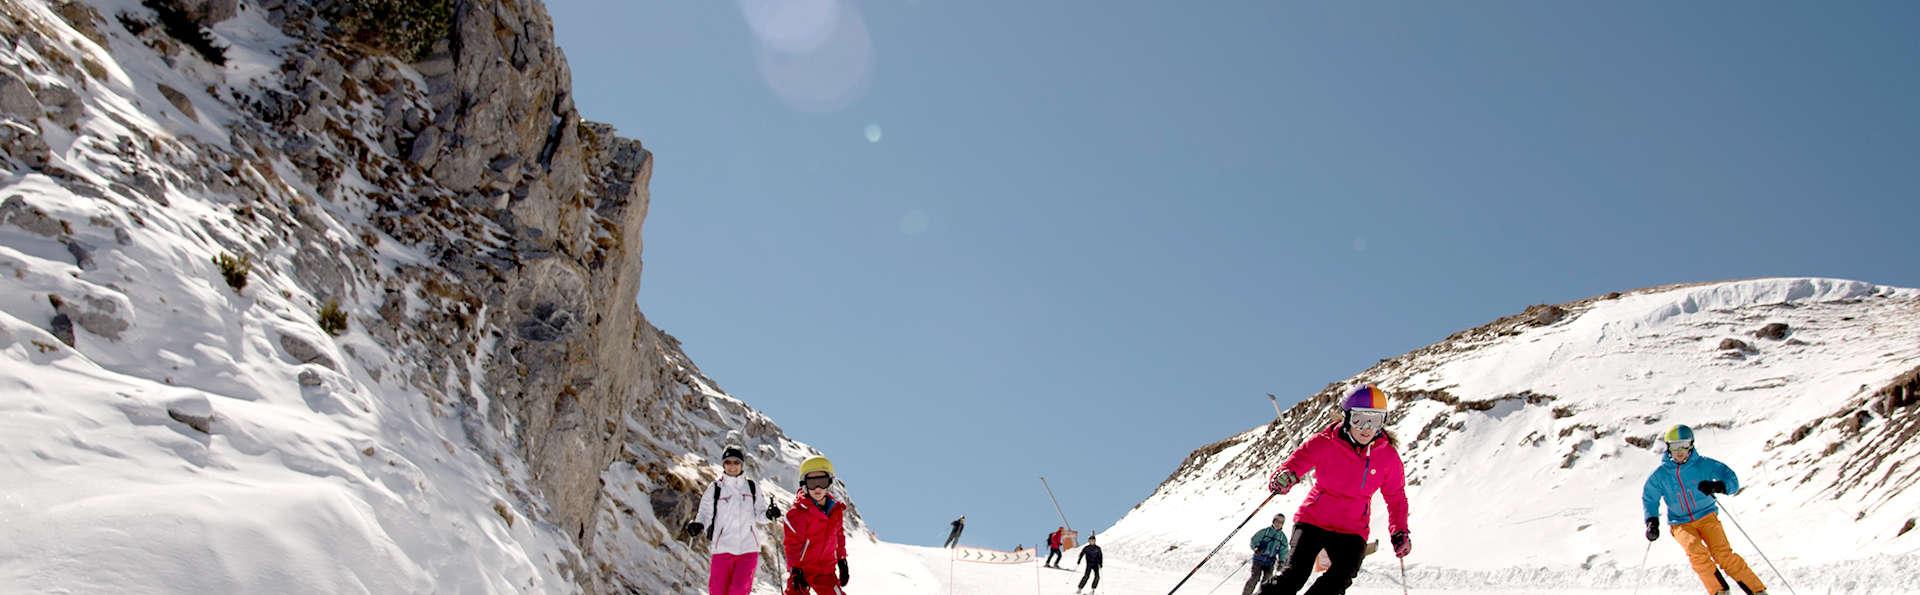 Escapada a la nieve en media pensión en las pistas d'esquí La Molina